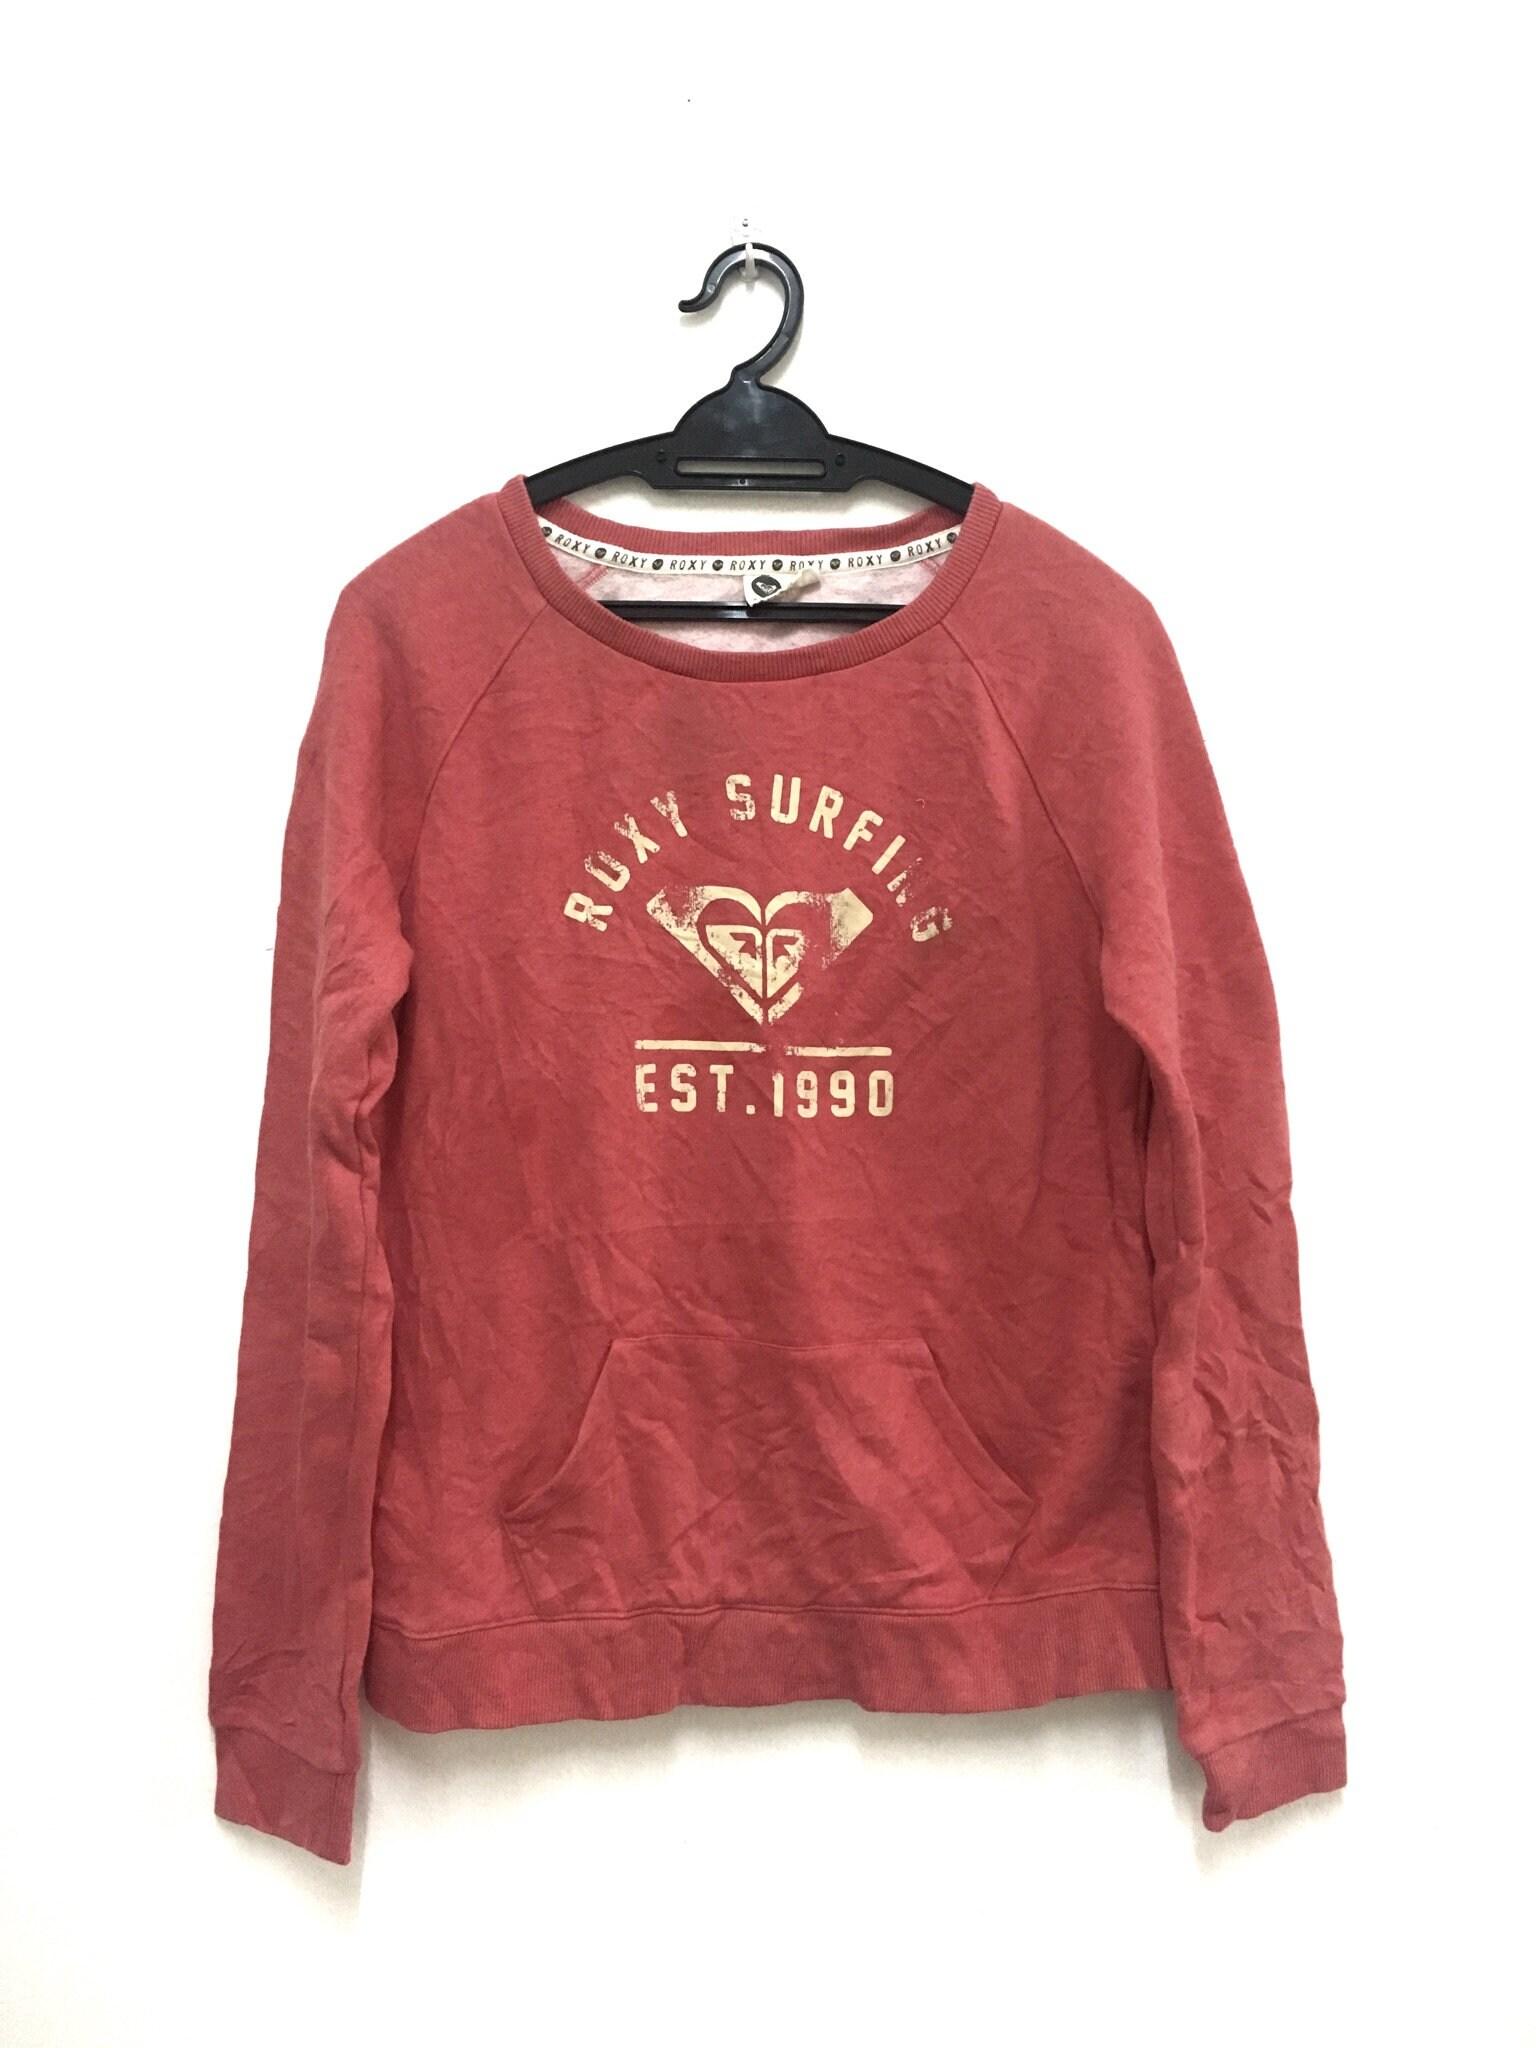 Roxy sweatshirt sweater jumper pullover size L women long sleeve surf